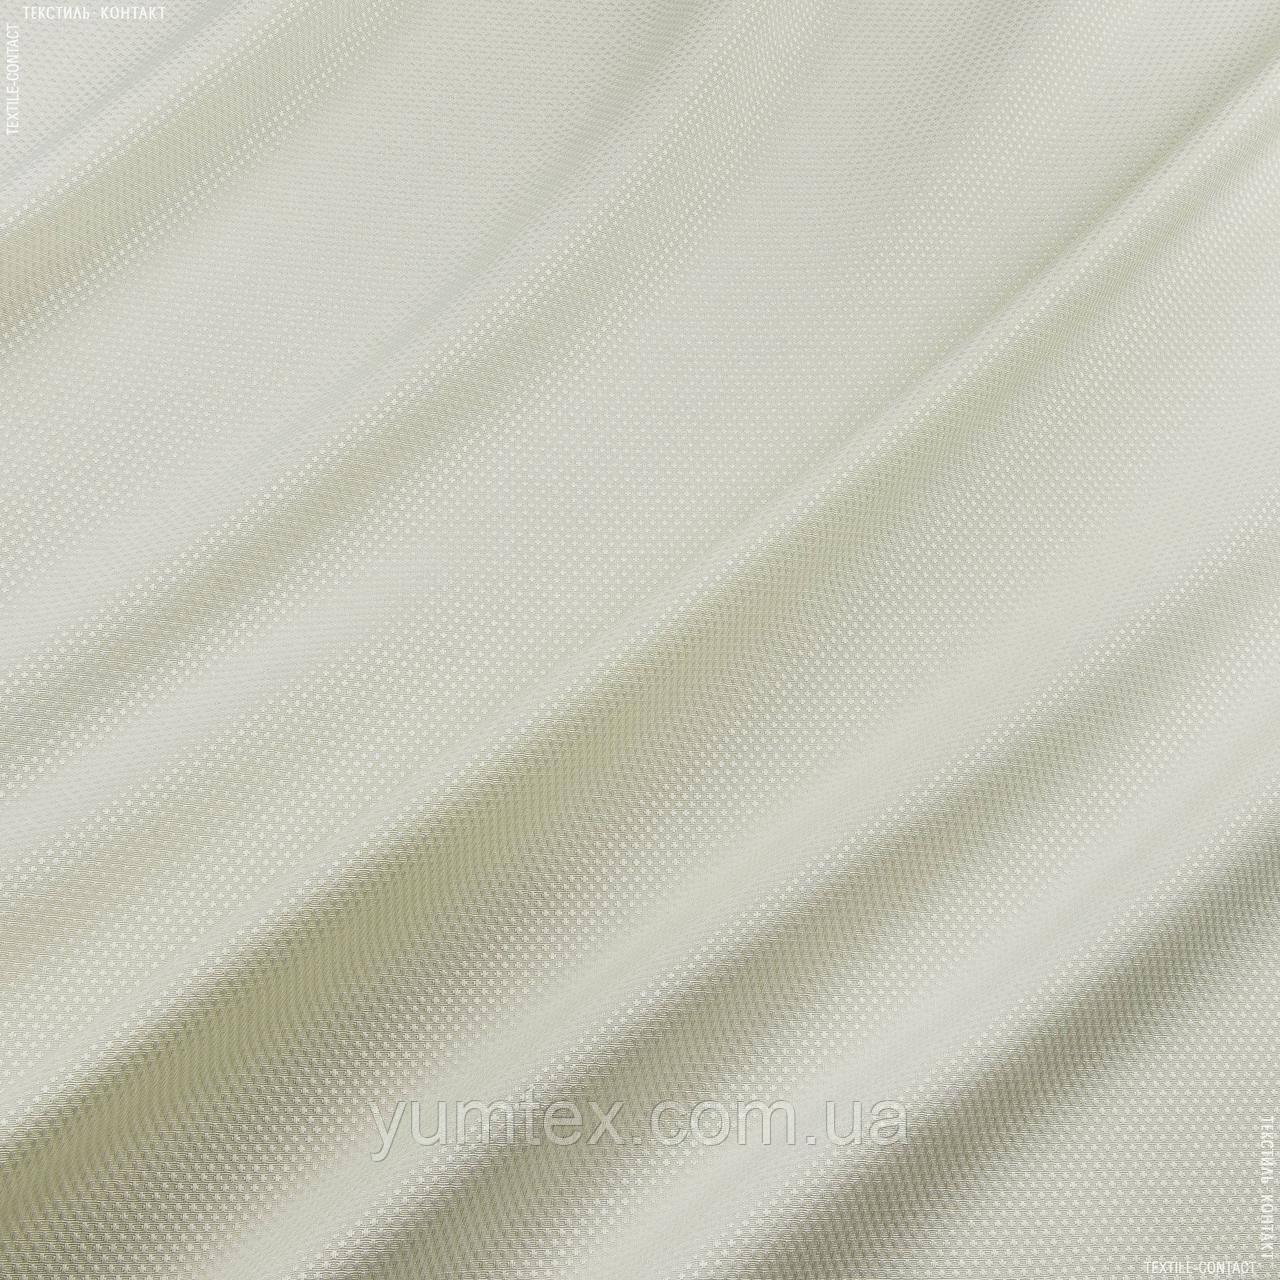 Скатертная тканина саванна база/ base ванільний крем 144940